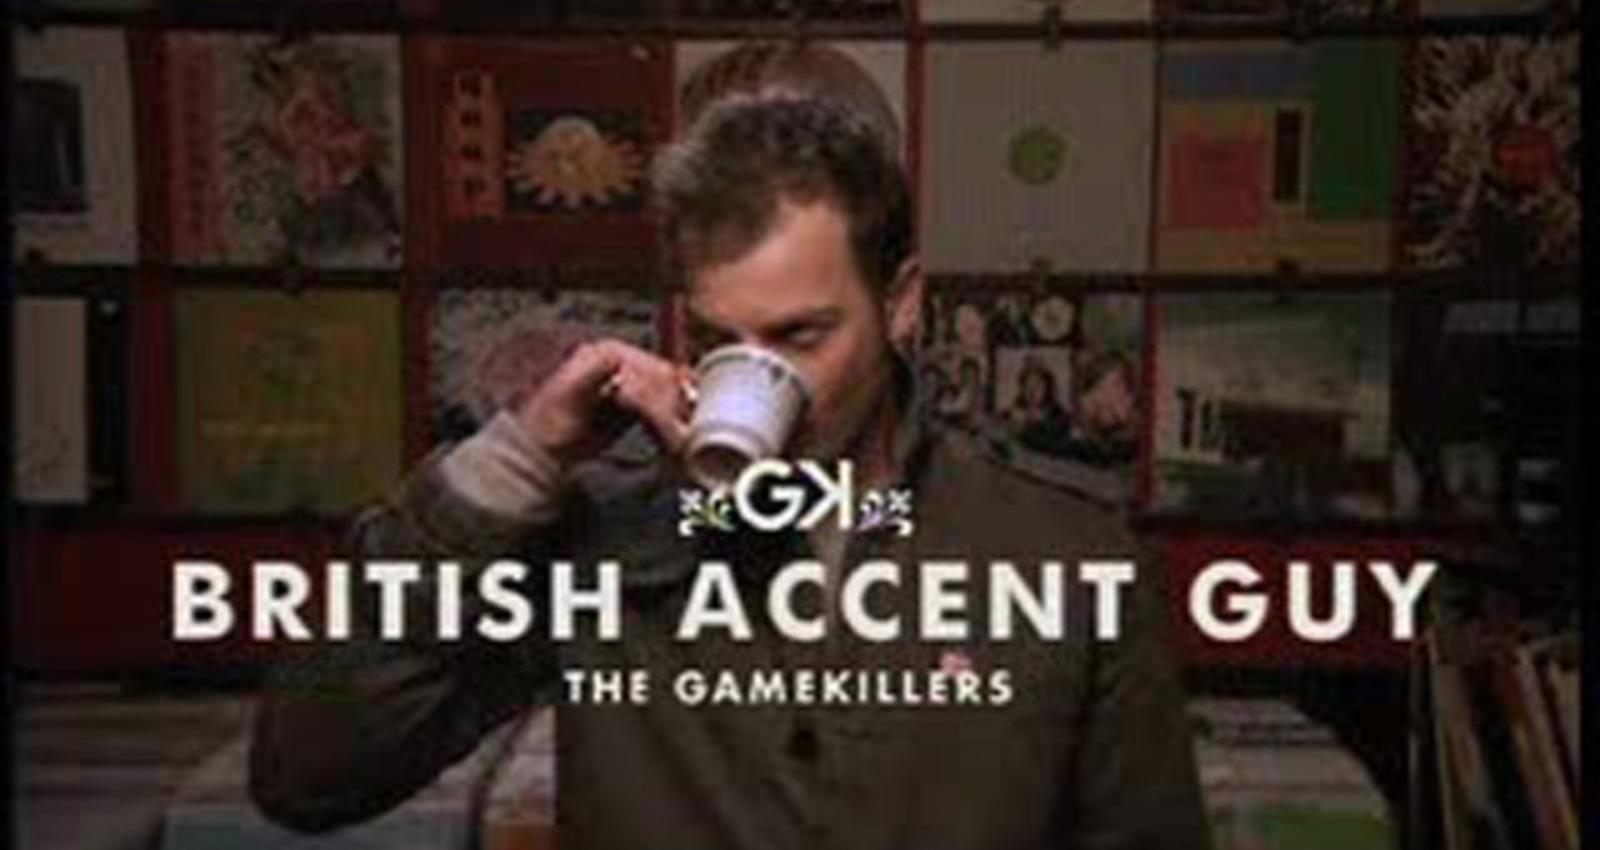 British Accent Guy